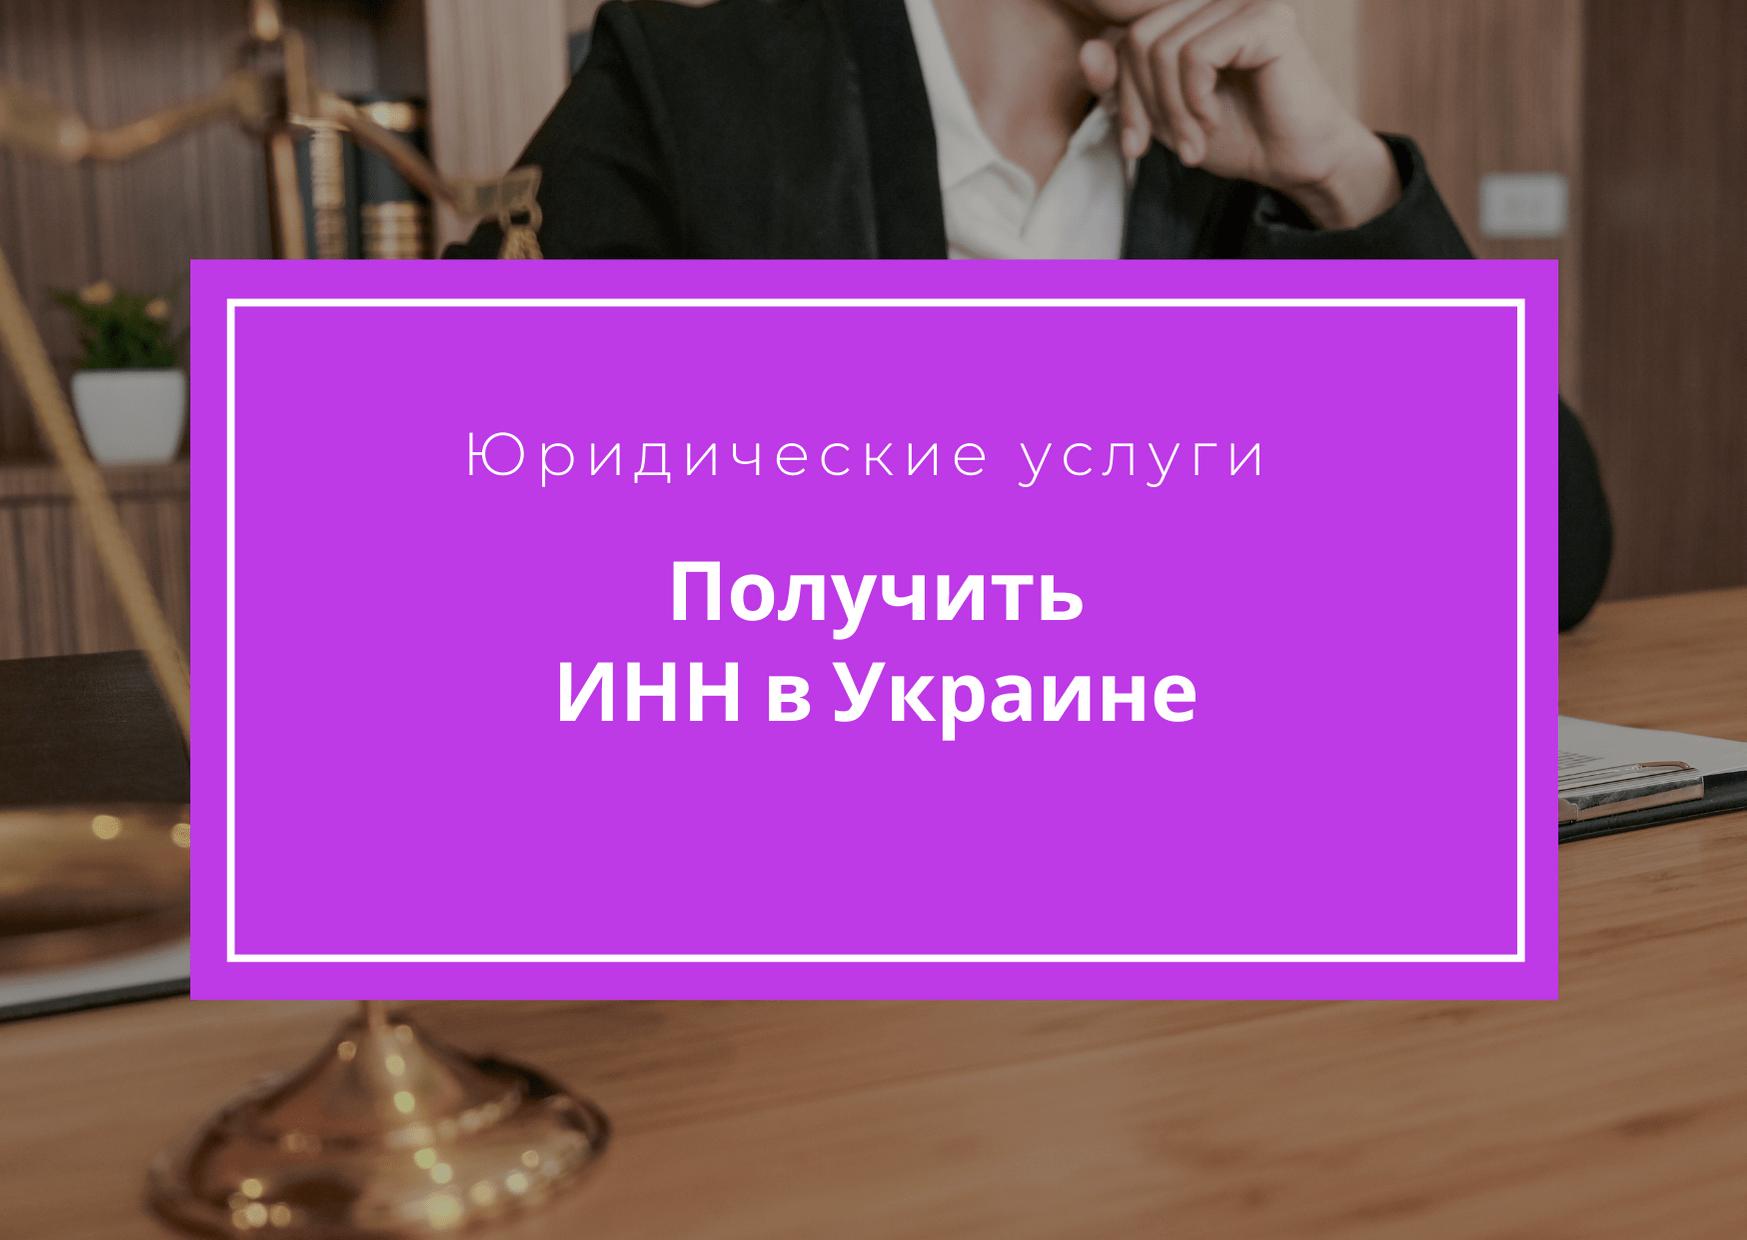 Как получить ИНН в Украине